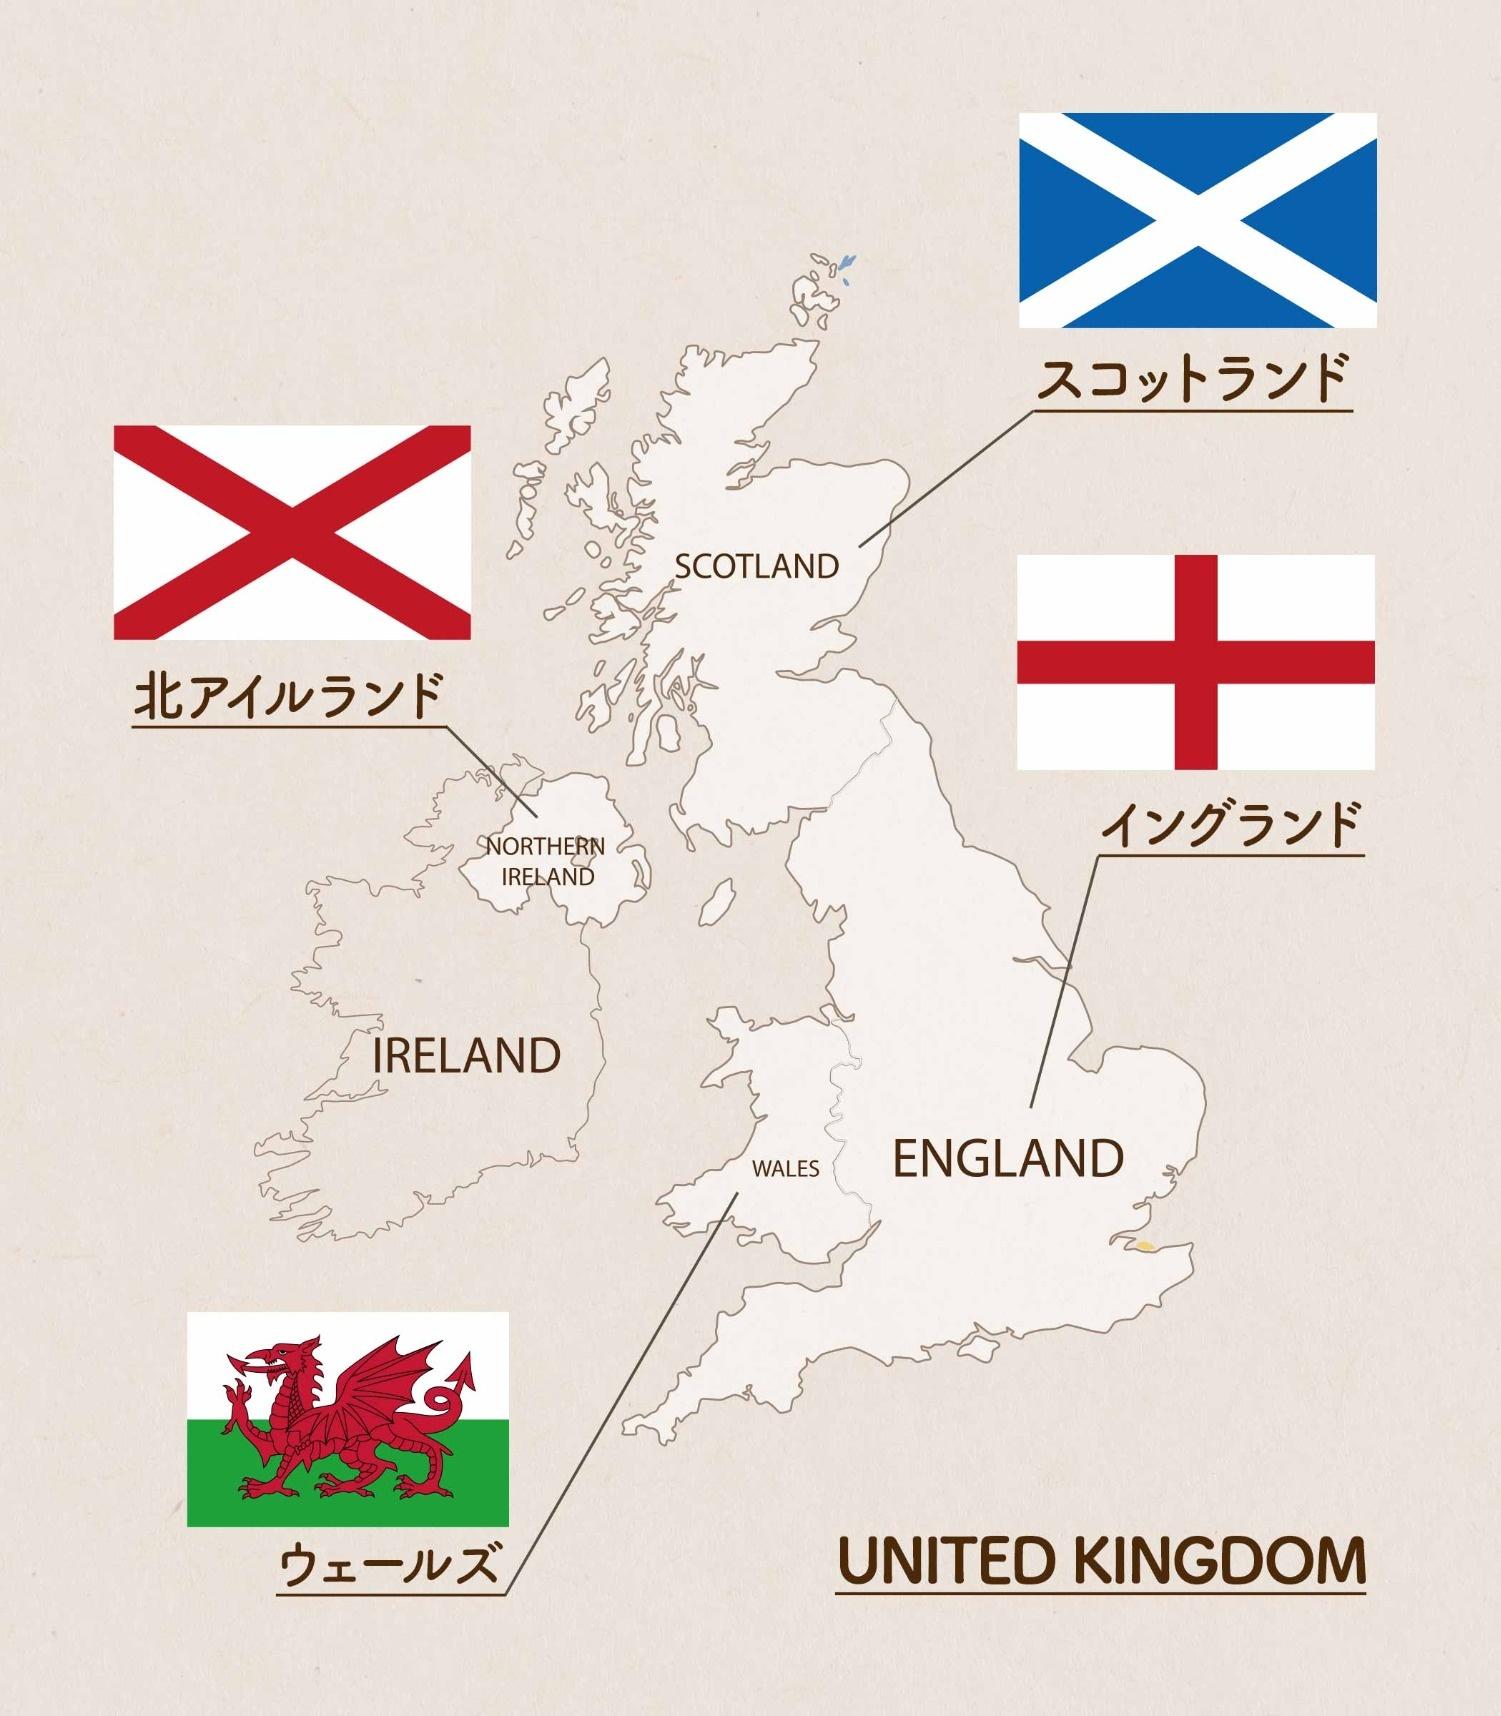 イギリスを構成する4つの国の地図と、各国の旗の画像